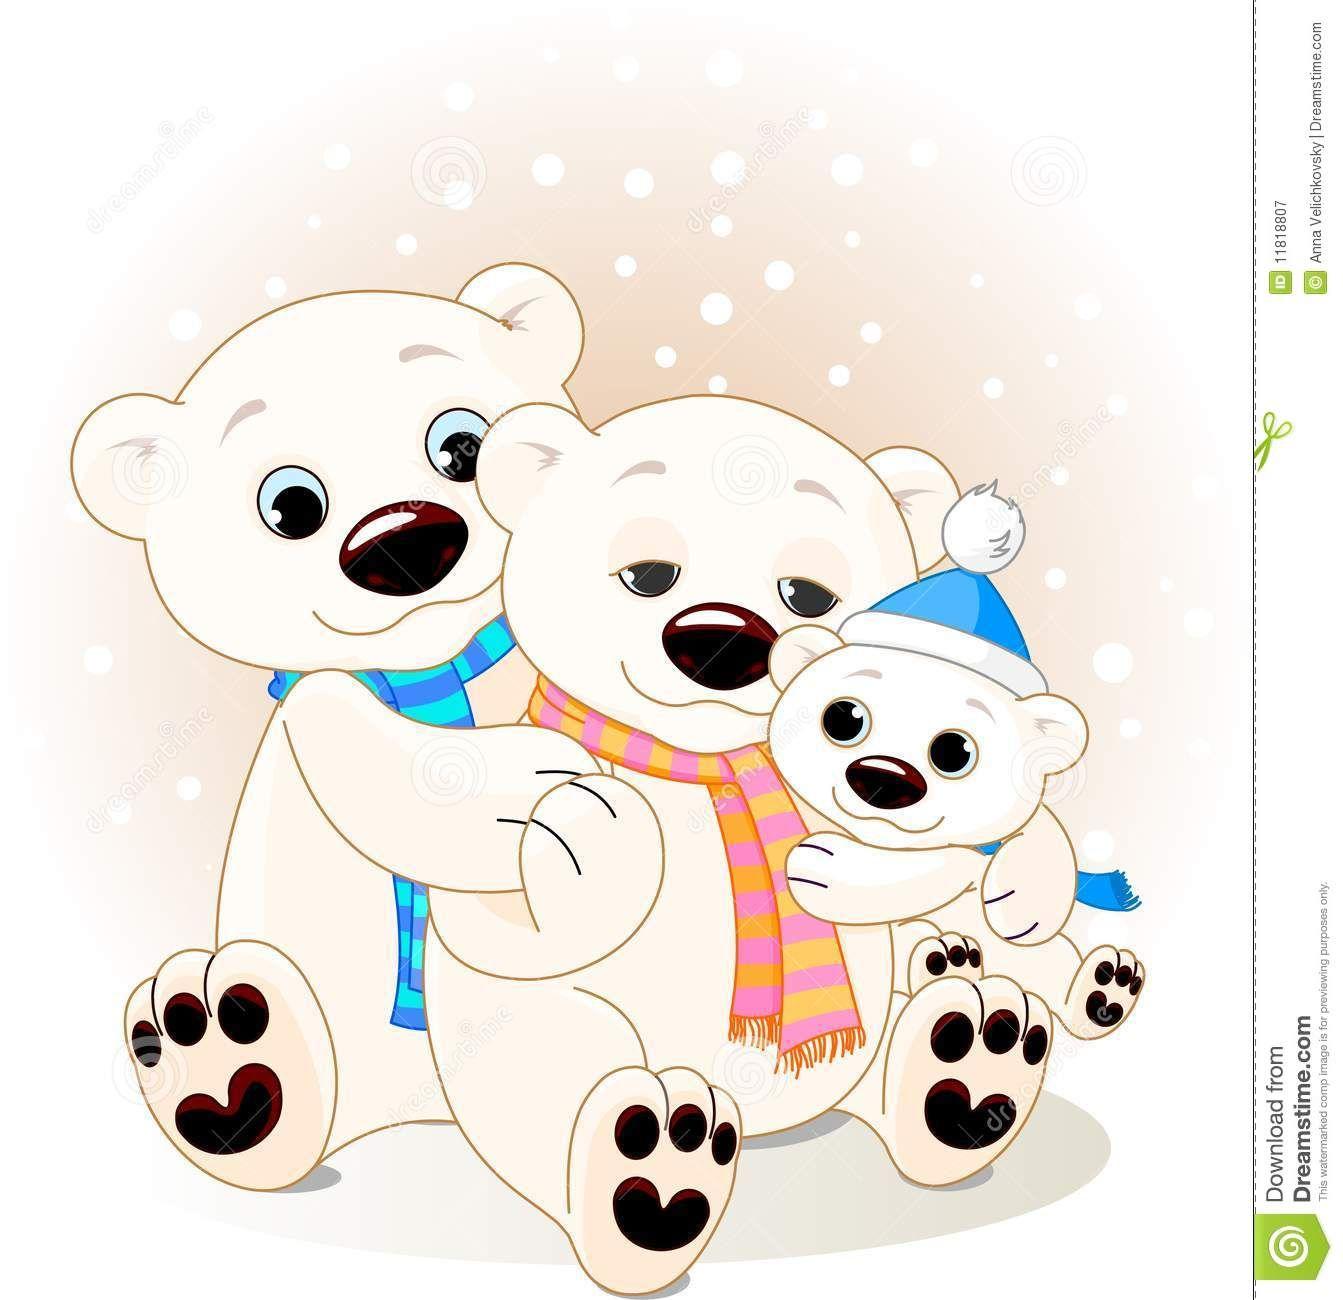 Familia Del Oso Polar Descarga De Over 50 Millones De Fotos De Alta Calidad E Imagenes Vectores Ee Inscribete Polar Bear Drawing Cute Polar Bear Baby Art